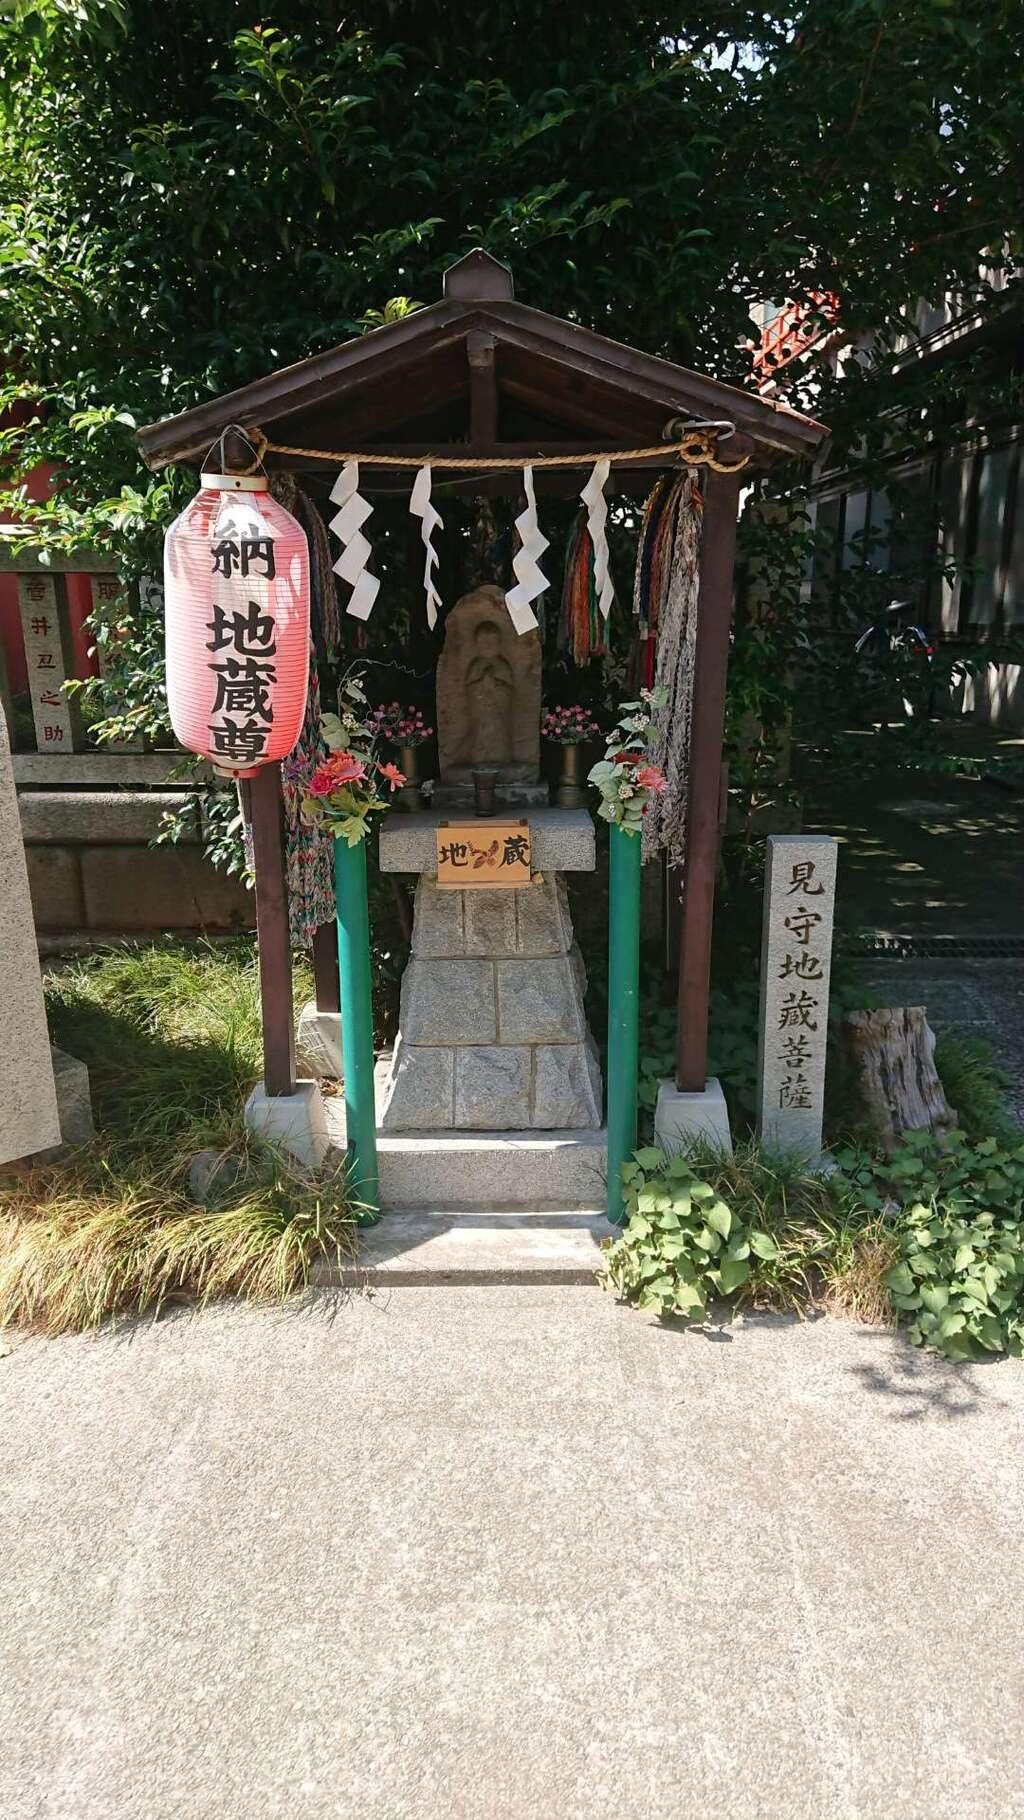 導きの社 熊野町熊野神社の地蔵